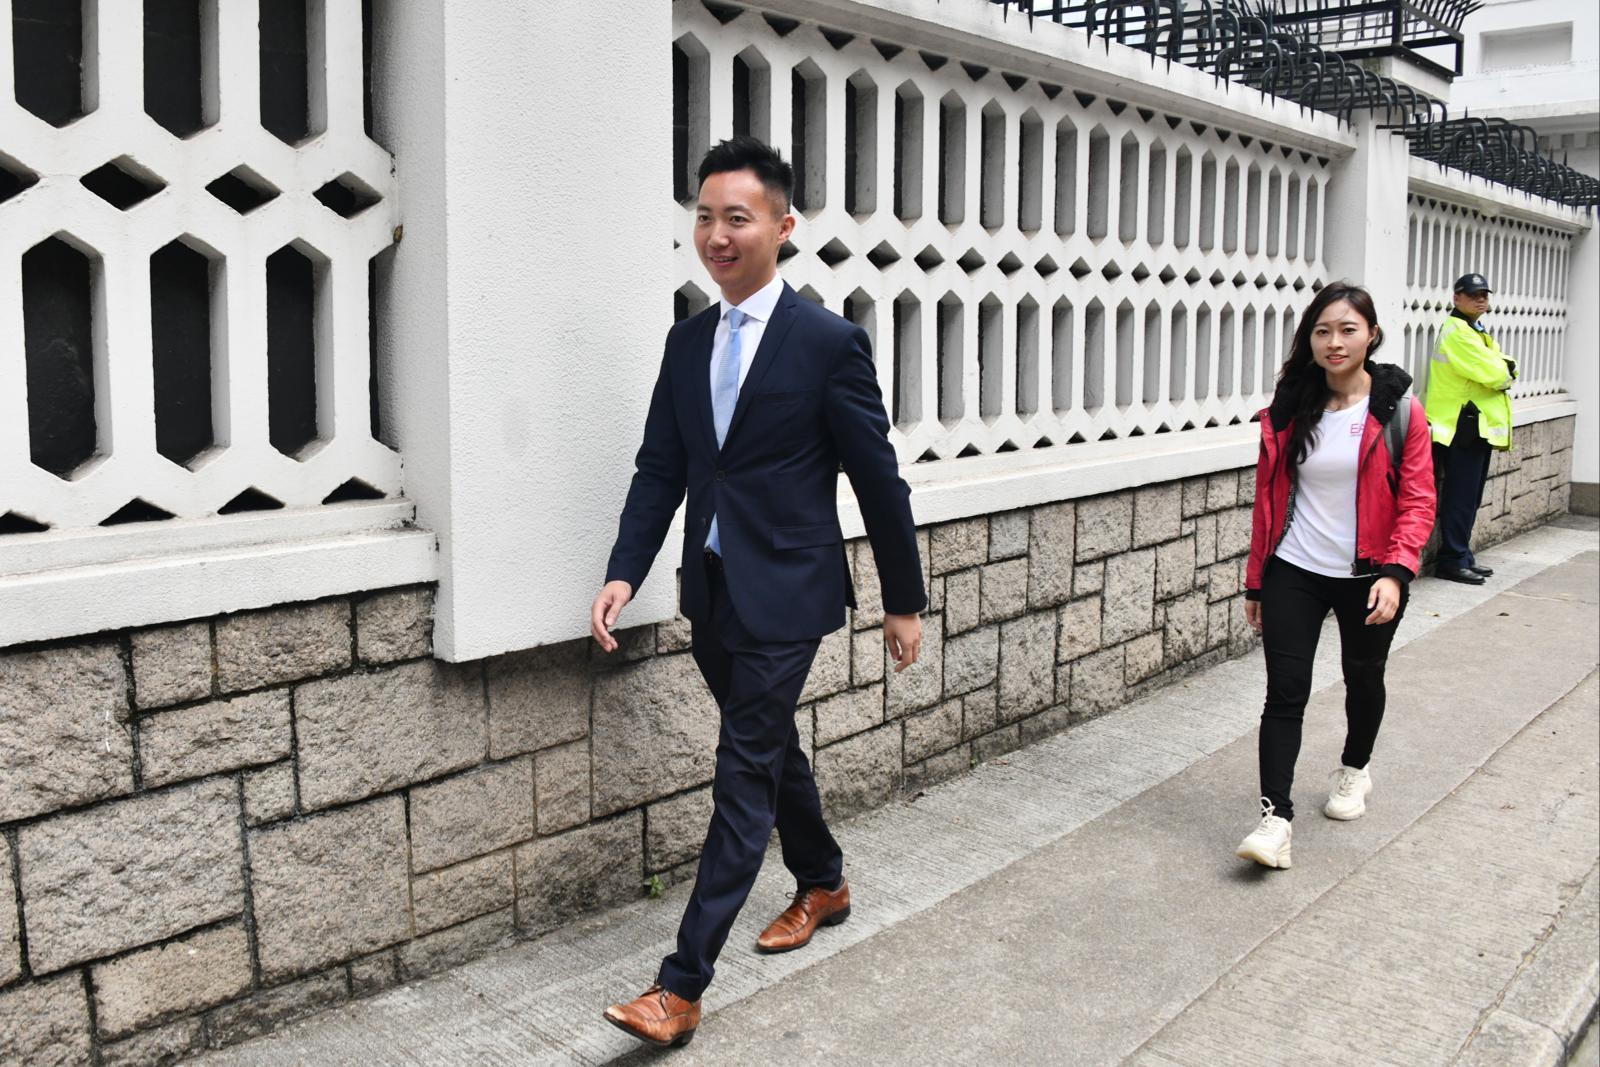 林郑礼宾府晤落选建制派区议员 陈家珮否认获派公职